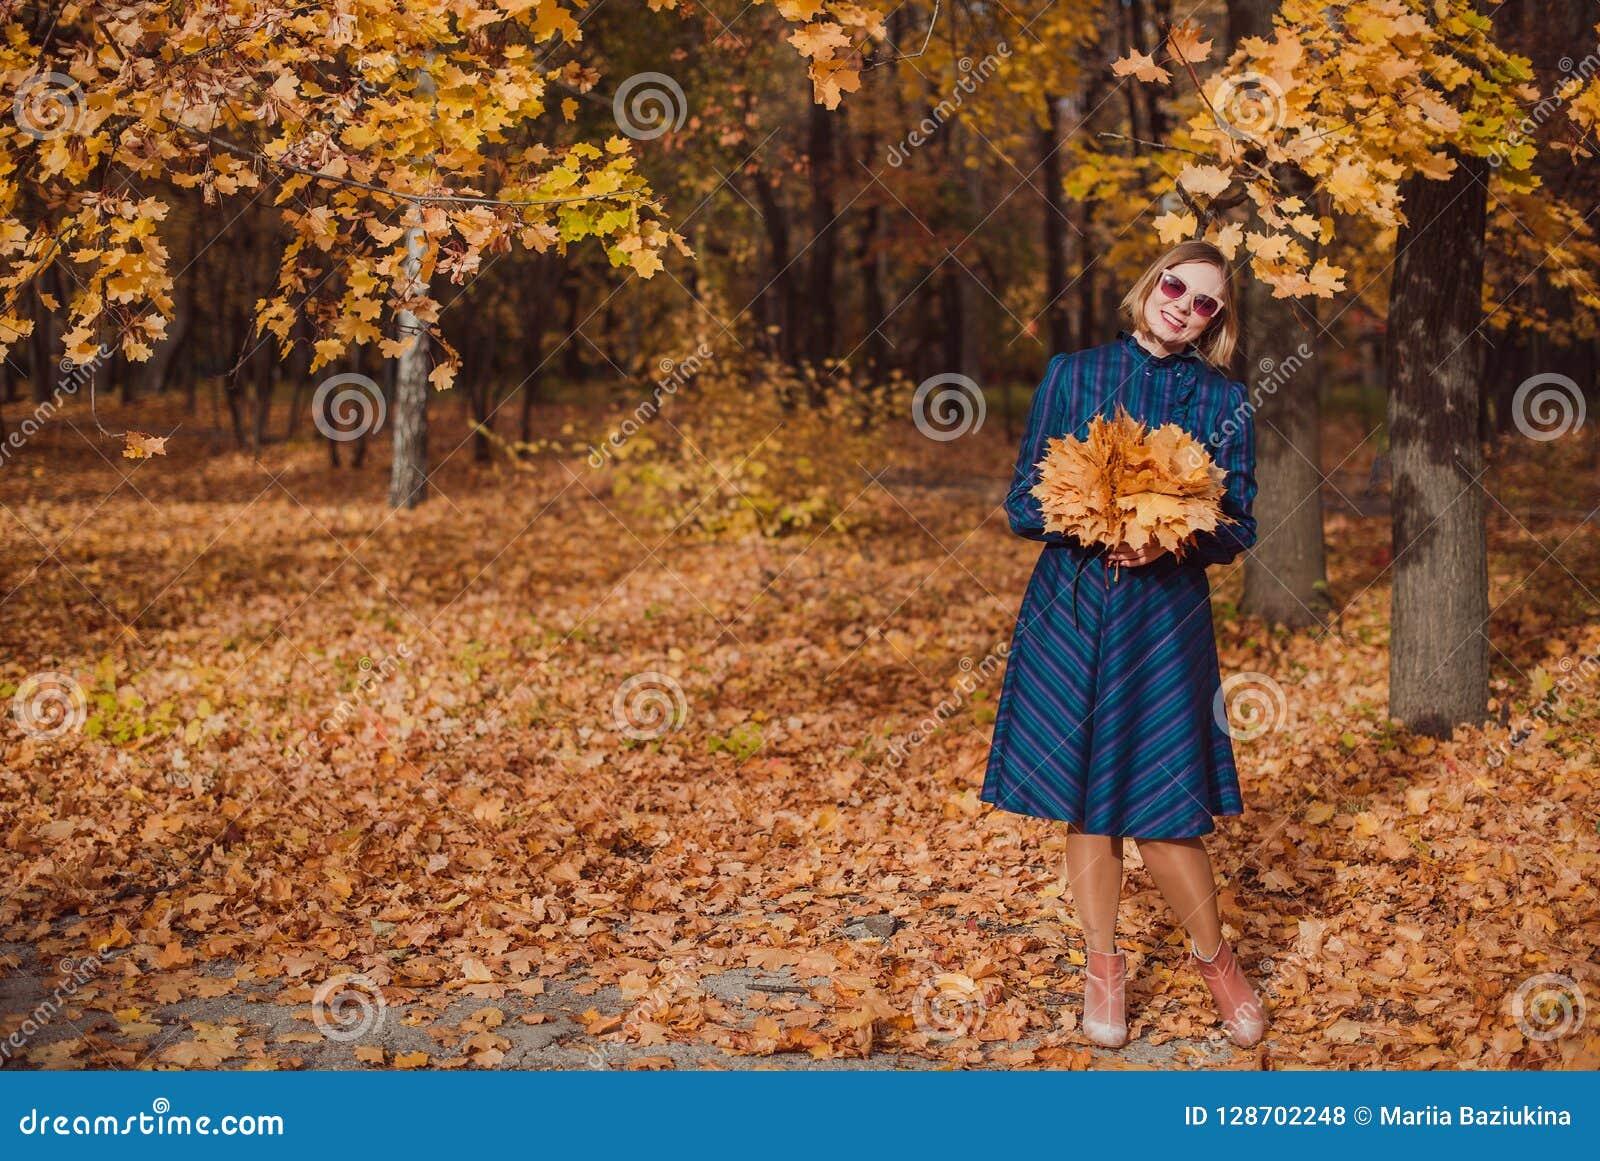 Giovane donna con capelli biondi che portano vestito blu che cammina nel parco di autunno